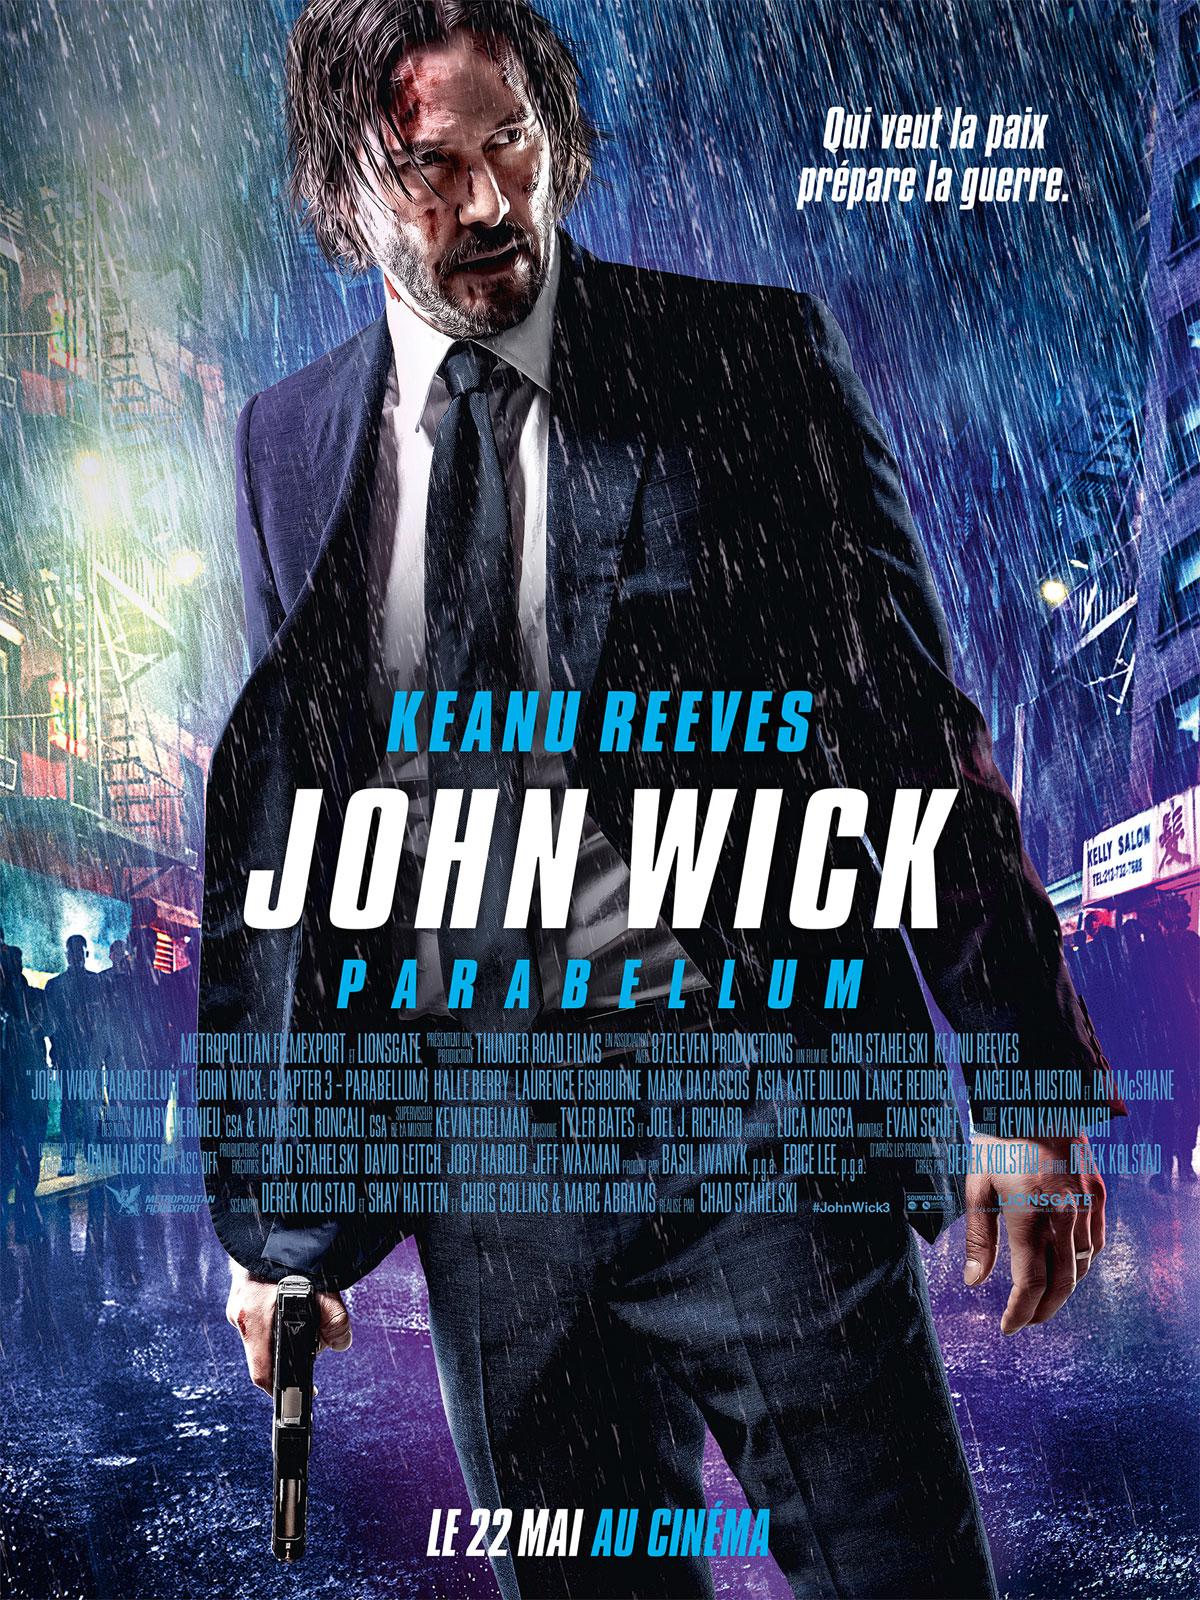 ผลการค้นหารูปภาพสำหรับ john wick chapter 3 poster